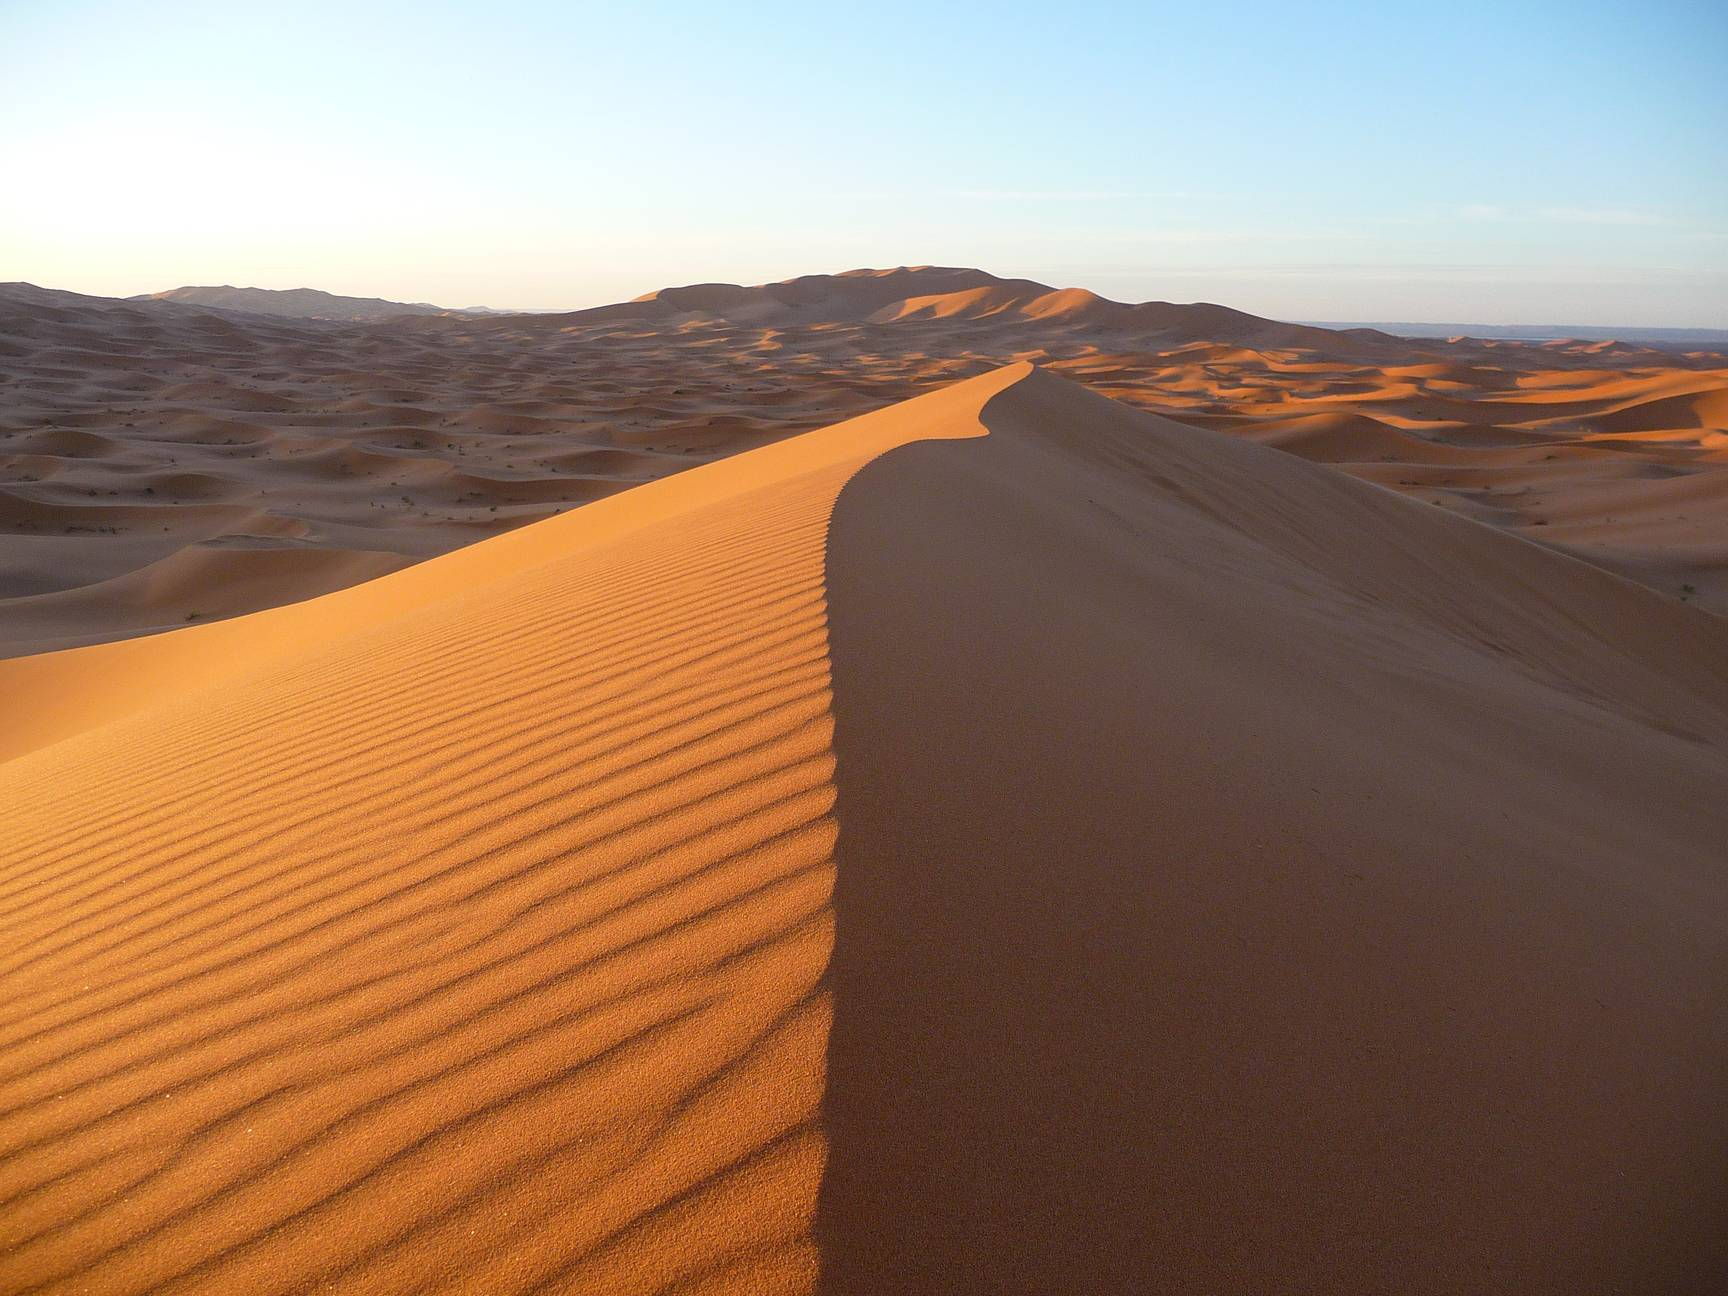 Завершаем фоторепортаж из Марокко